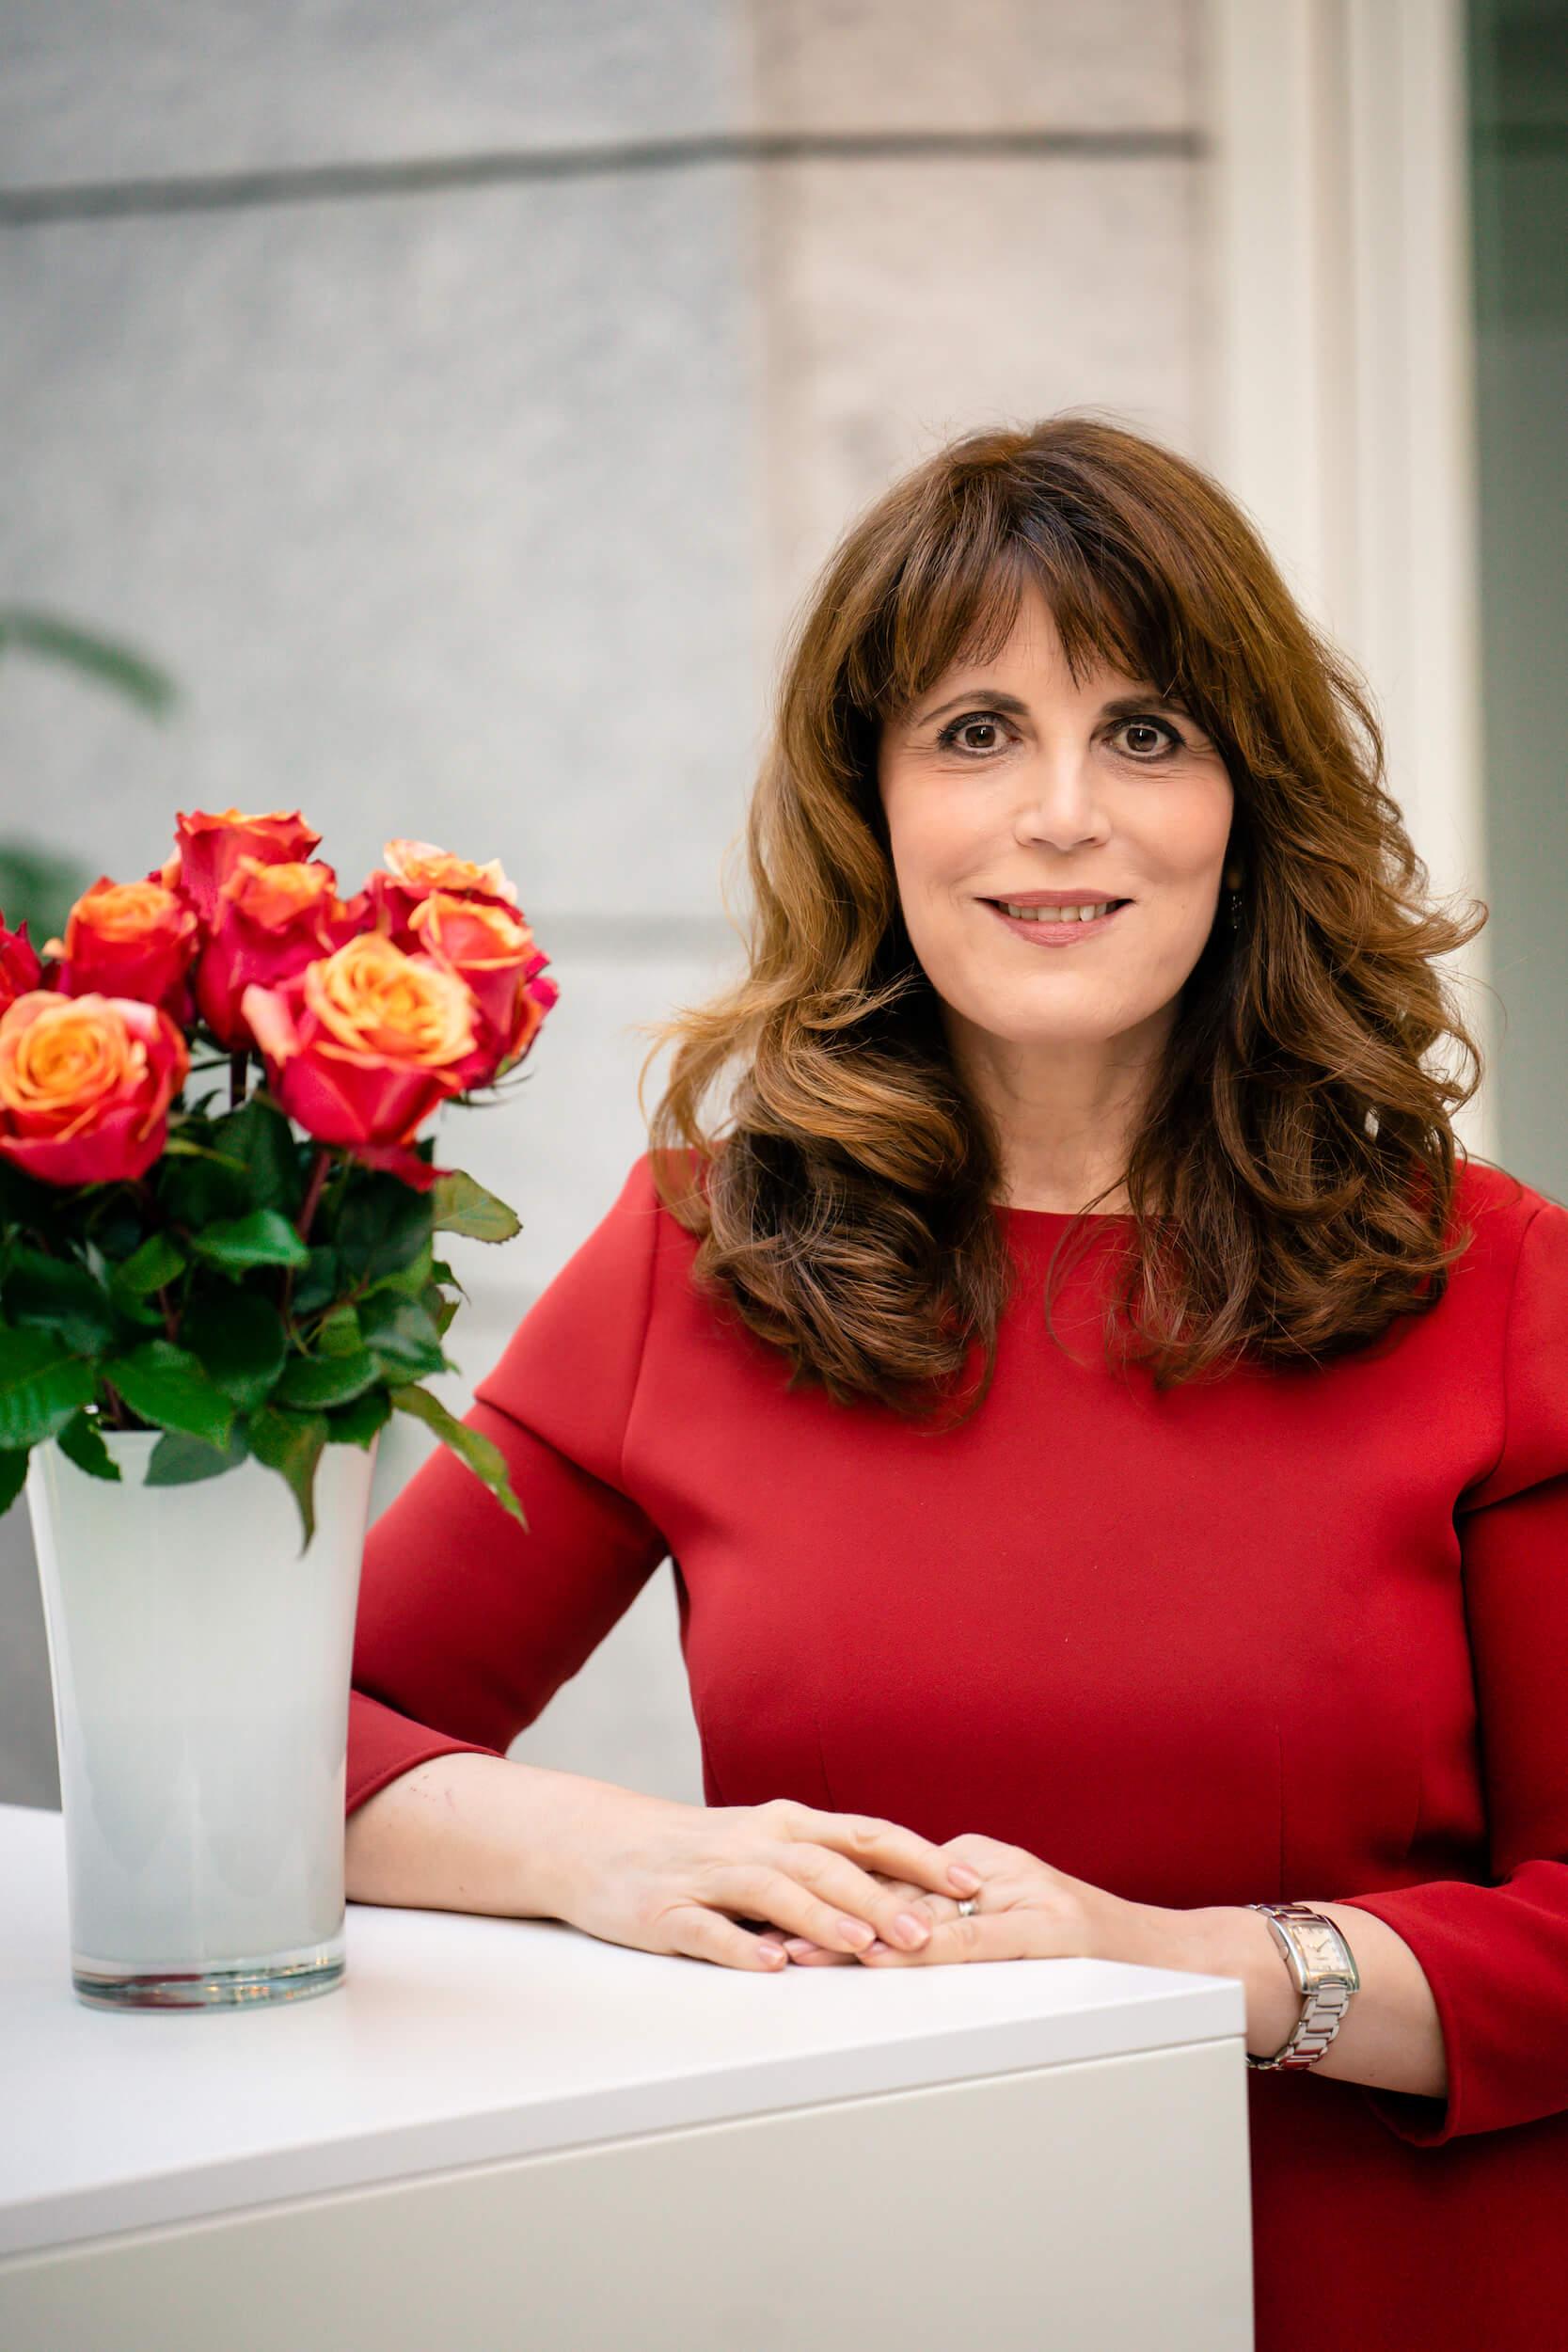 Tozzi Tax Advisory LLC - Tax Advisory & Consulting - Elga Reana Tozzi